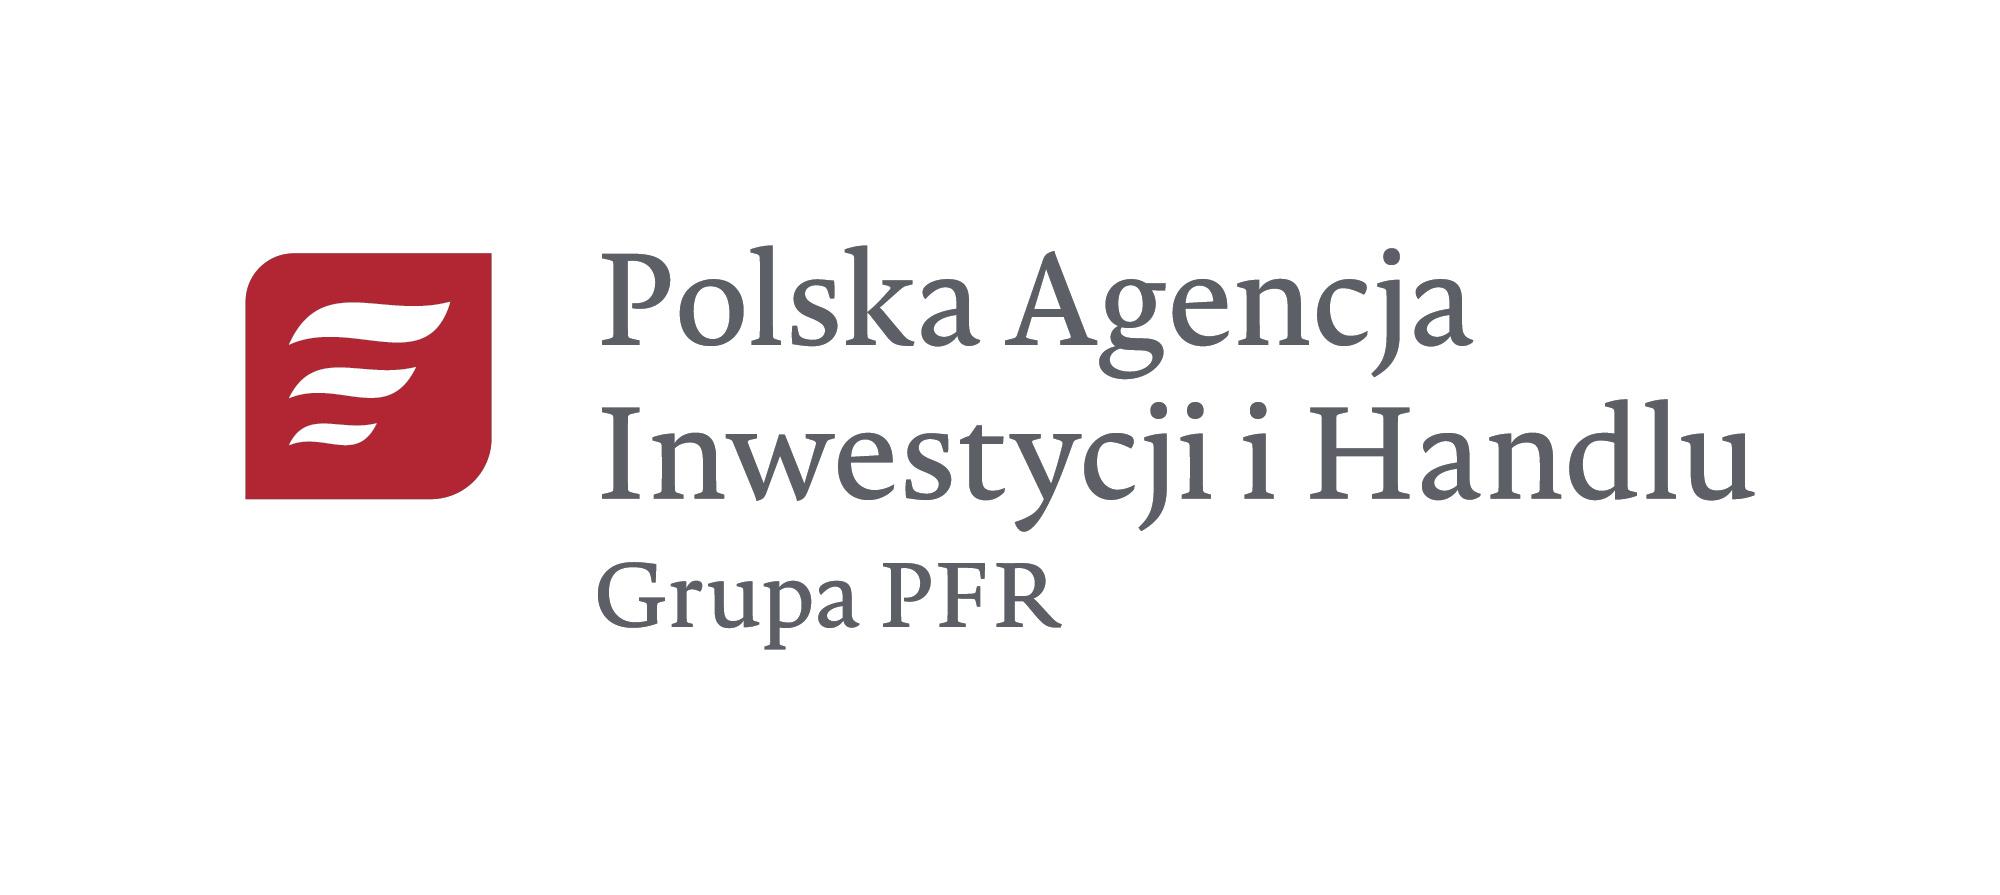 Polska-Agencja-Inwestycji-i-Handlu-logo-Pantone